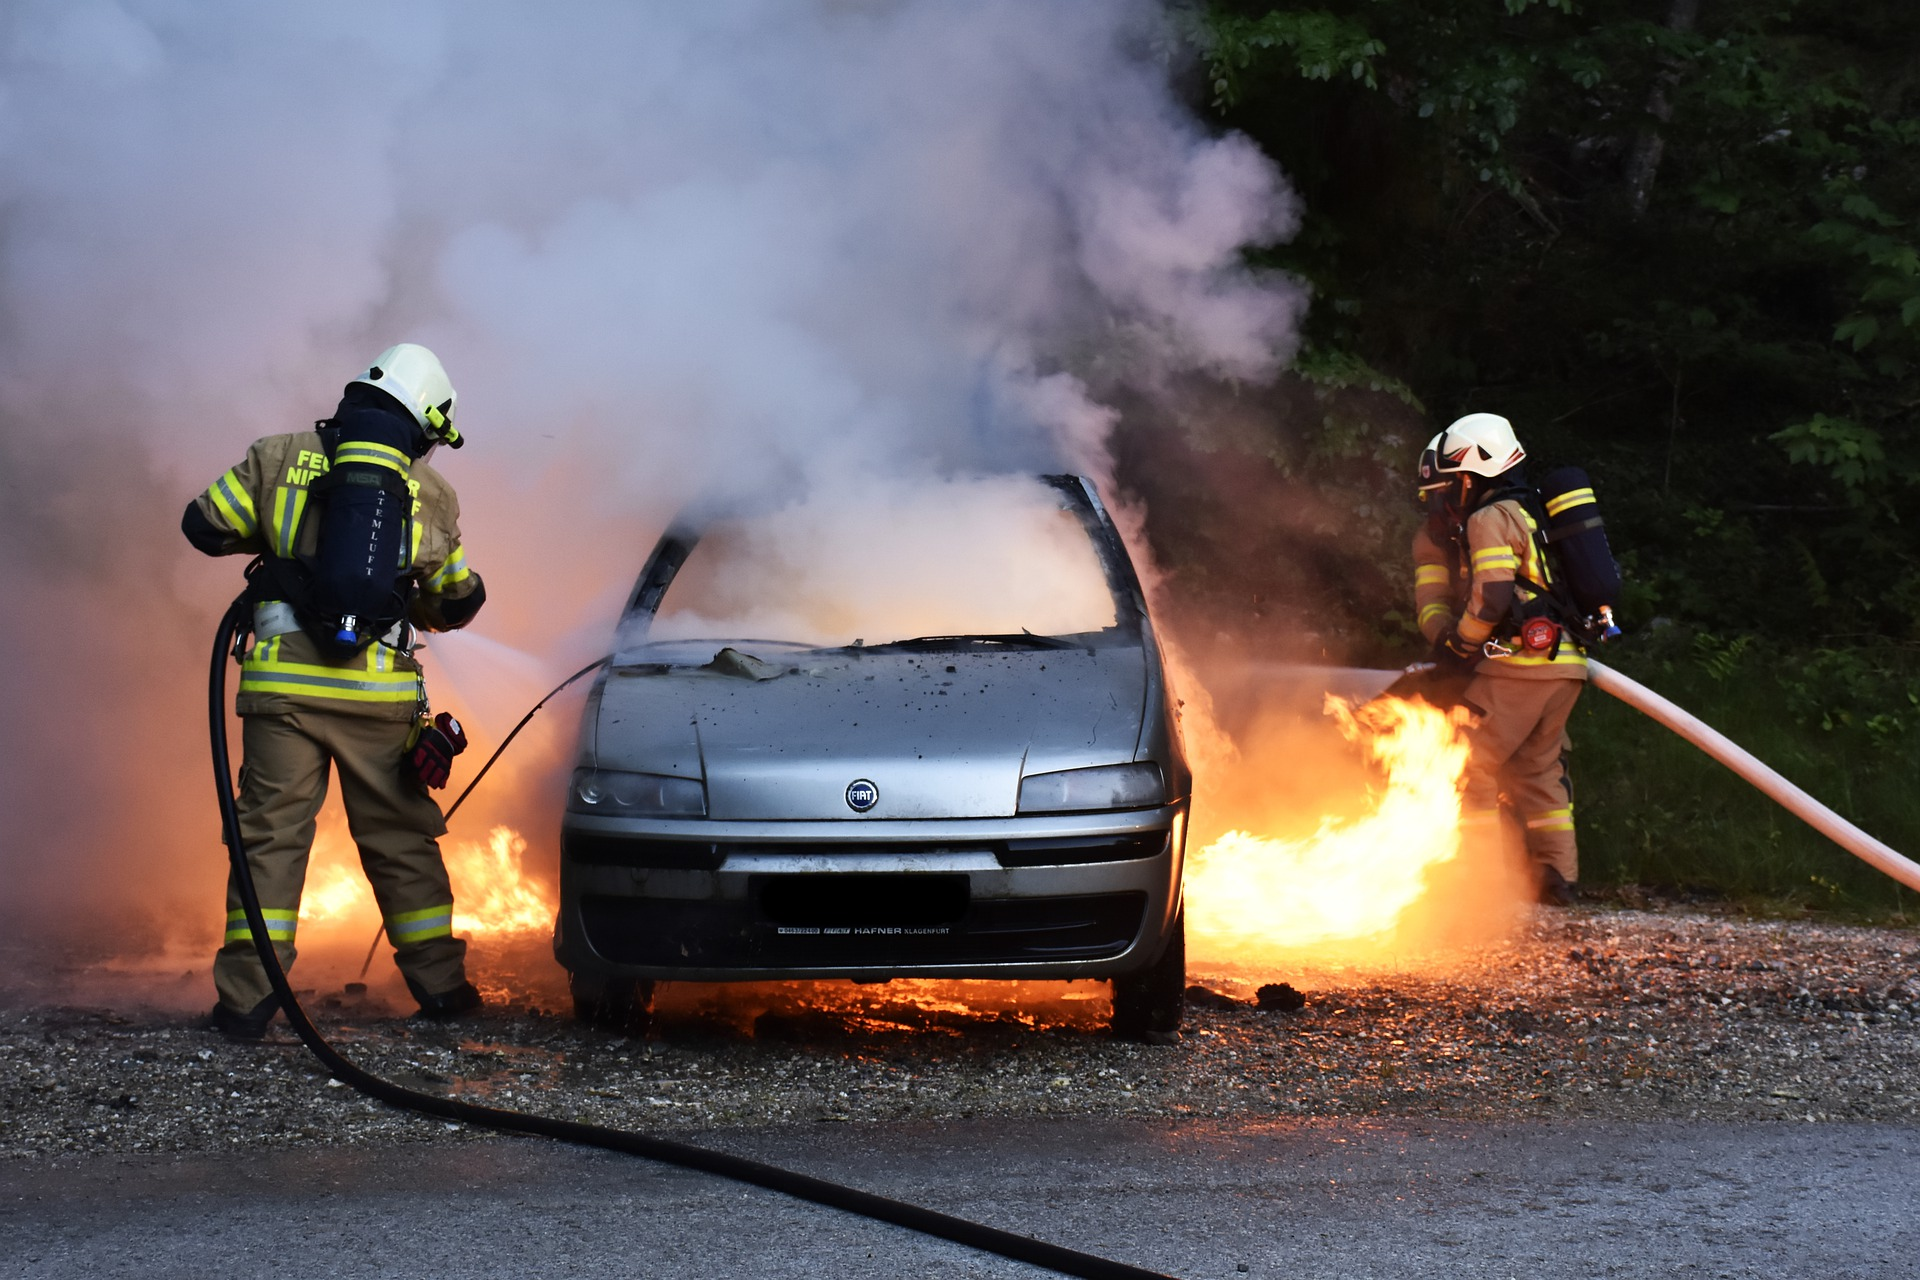 Foto de bombeiros apagando fogo em um carro no meio da rua. Imagem ilustrativa para o texto incêndio e vandalismo.